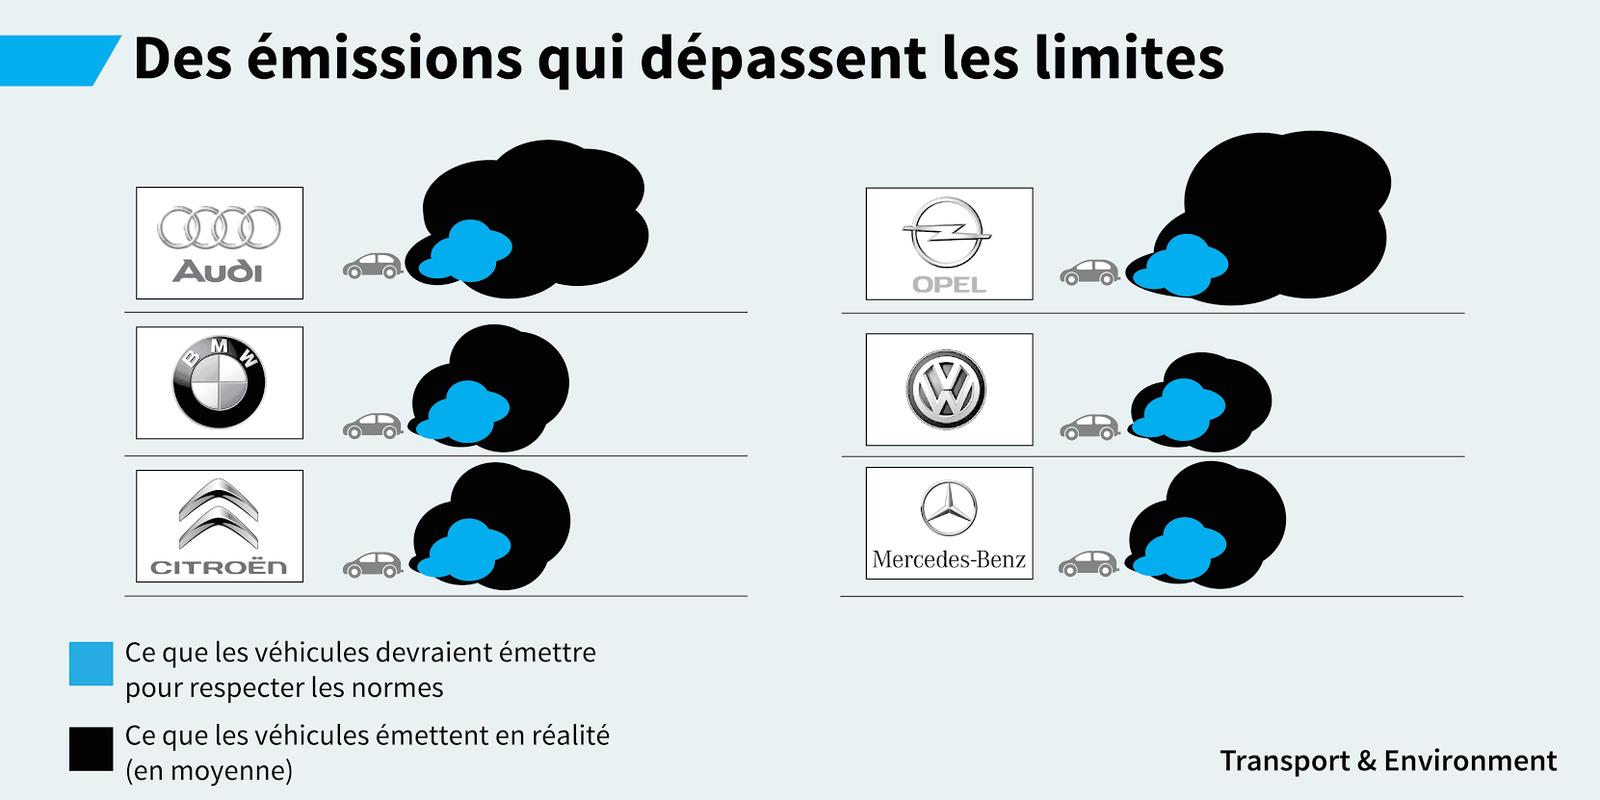 Commission diesel: tous les véhicules testés dépassent tous les normes